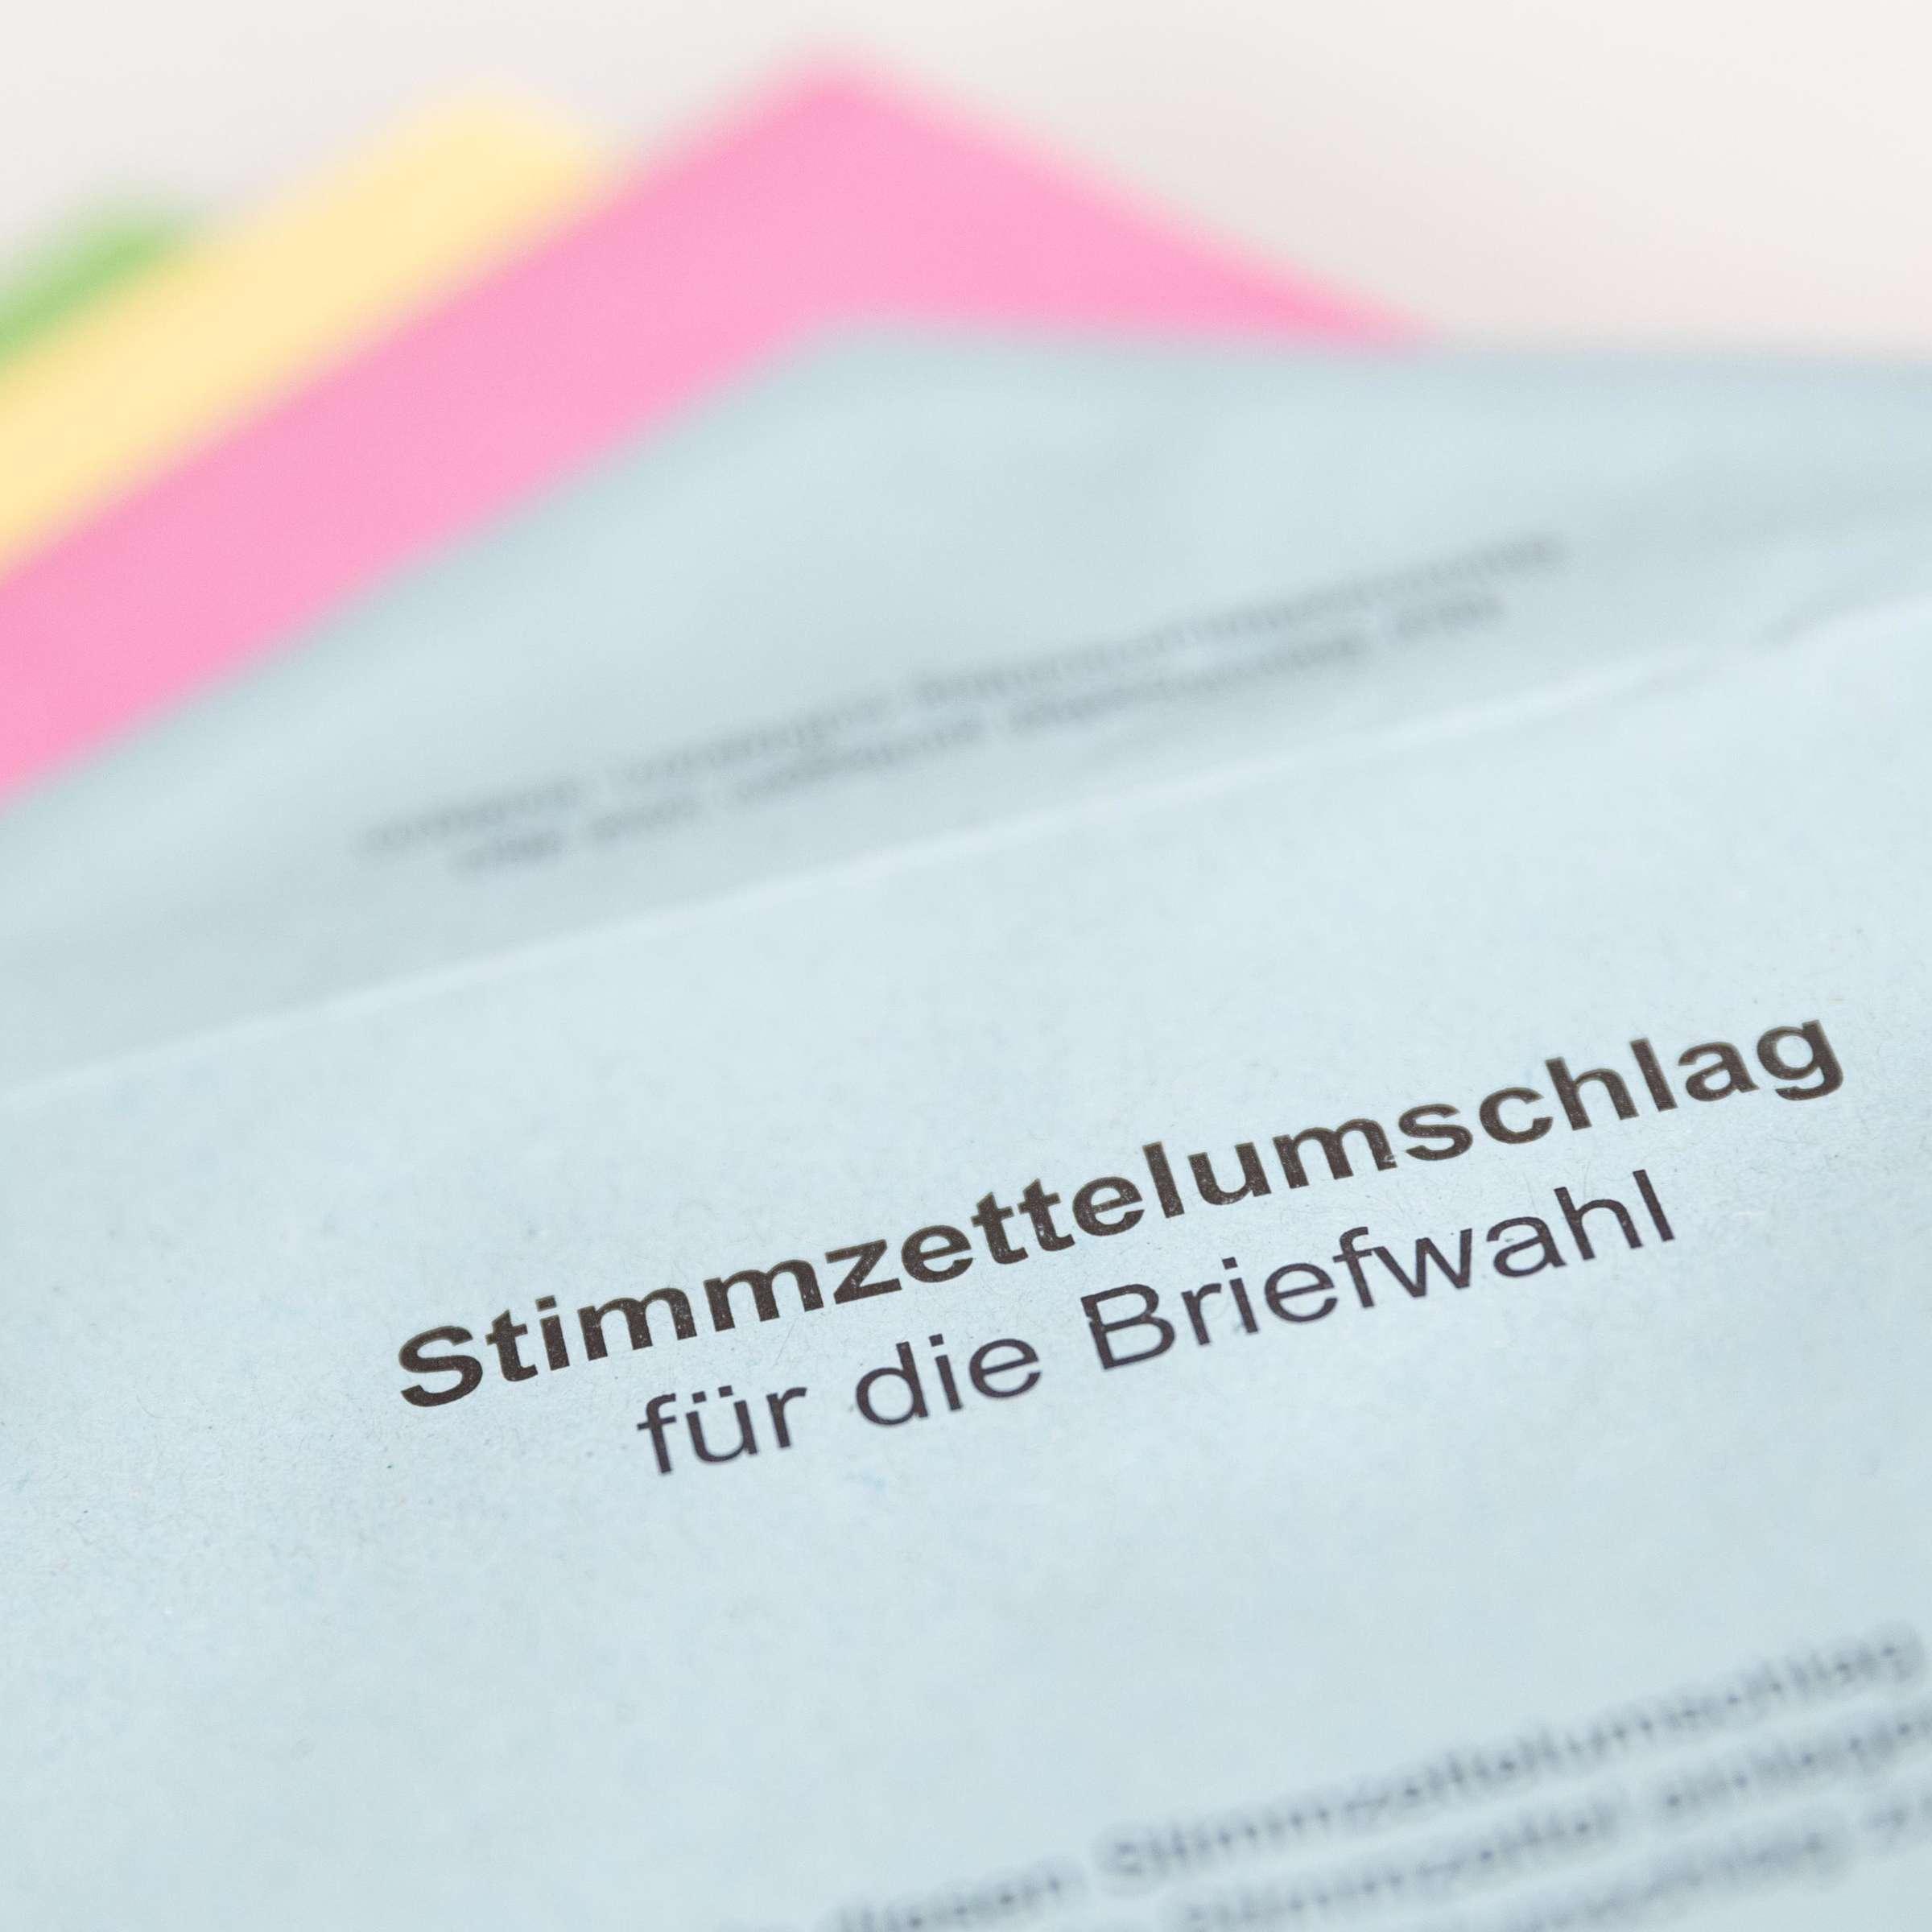 Landtagswahl: Jetzt Briefwahl beantragen